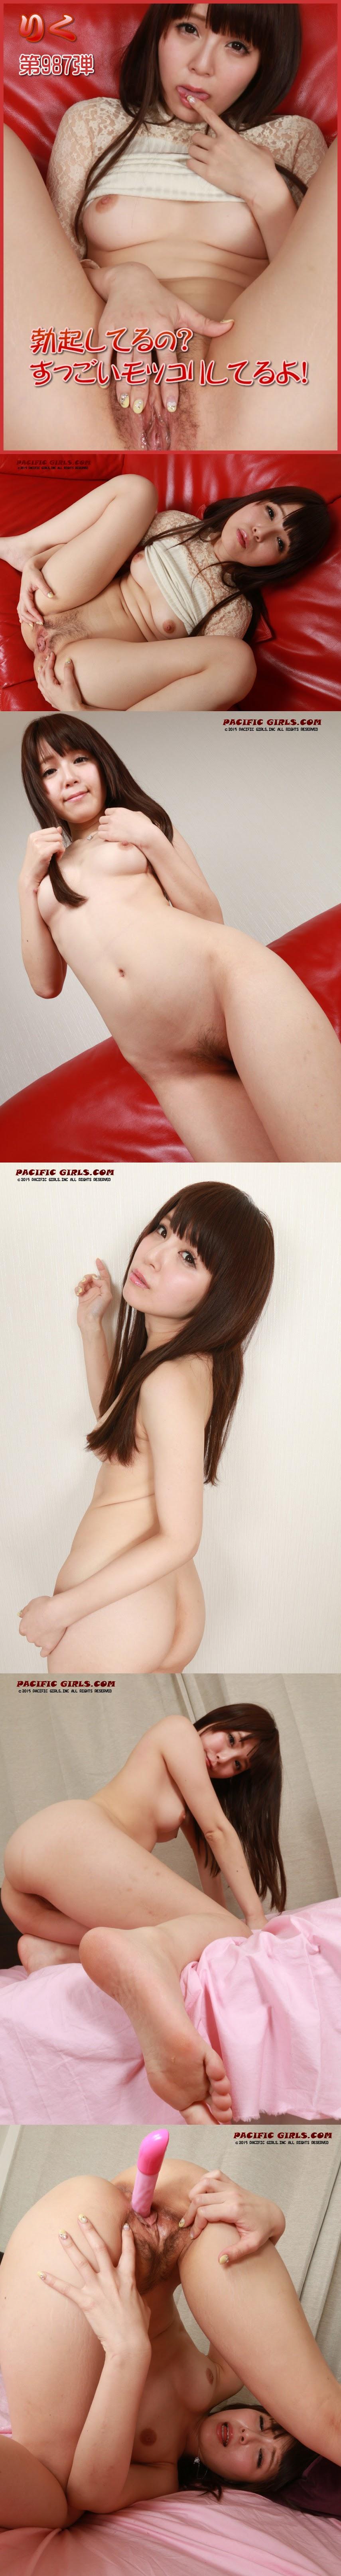 PacificGirls [002645 りく] 第987弾「勃起してるの?すっごいモッコリしてるよ!」 - Girlsdelta